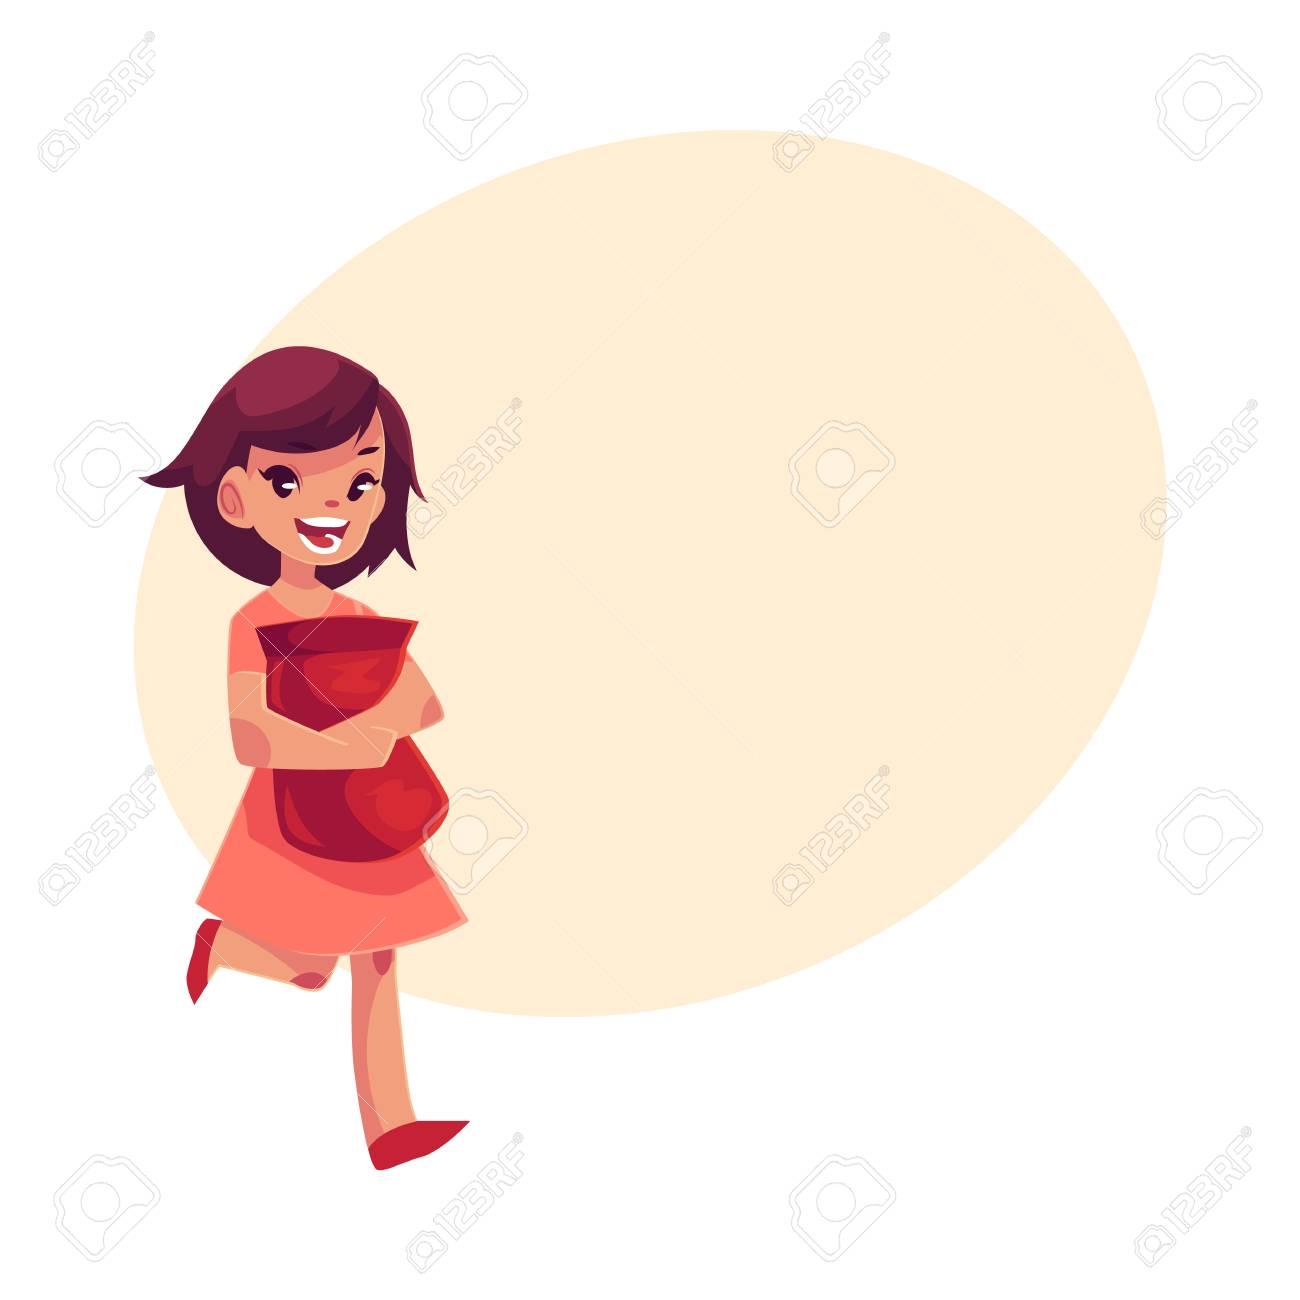 Petite Fille En Robe Rose Tenant Le Paquet De Jetons En Mains étroitement Illustration De Vecteur De Dessin Animé Isolé Sur Fond Blanc Heureuse